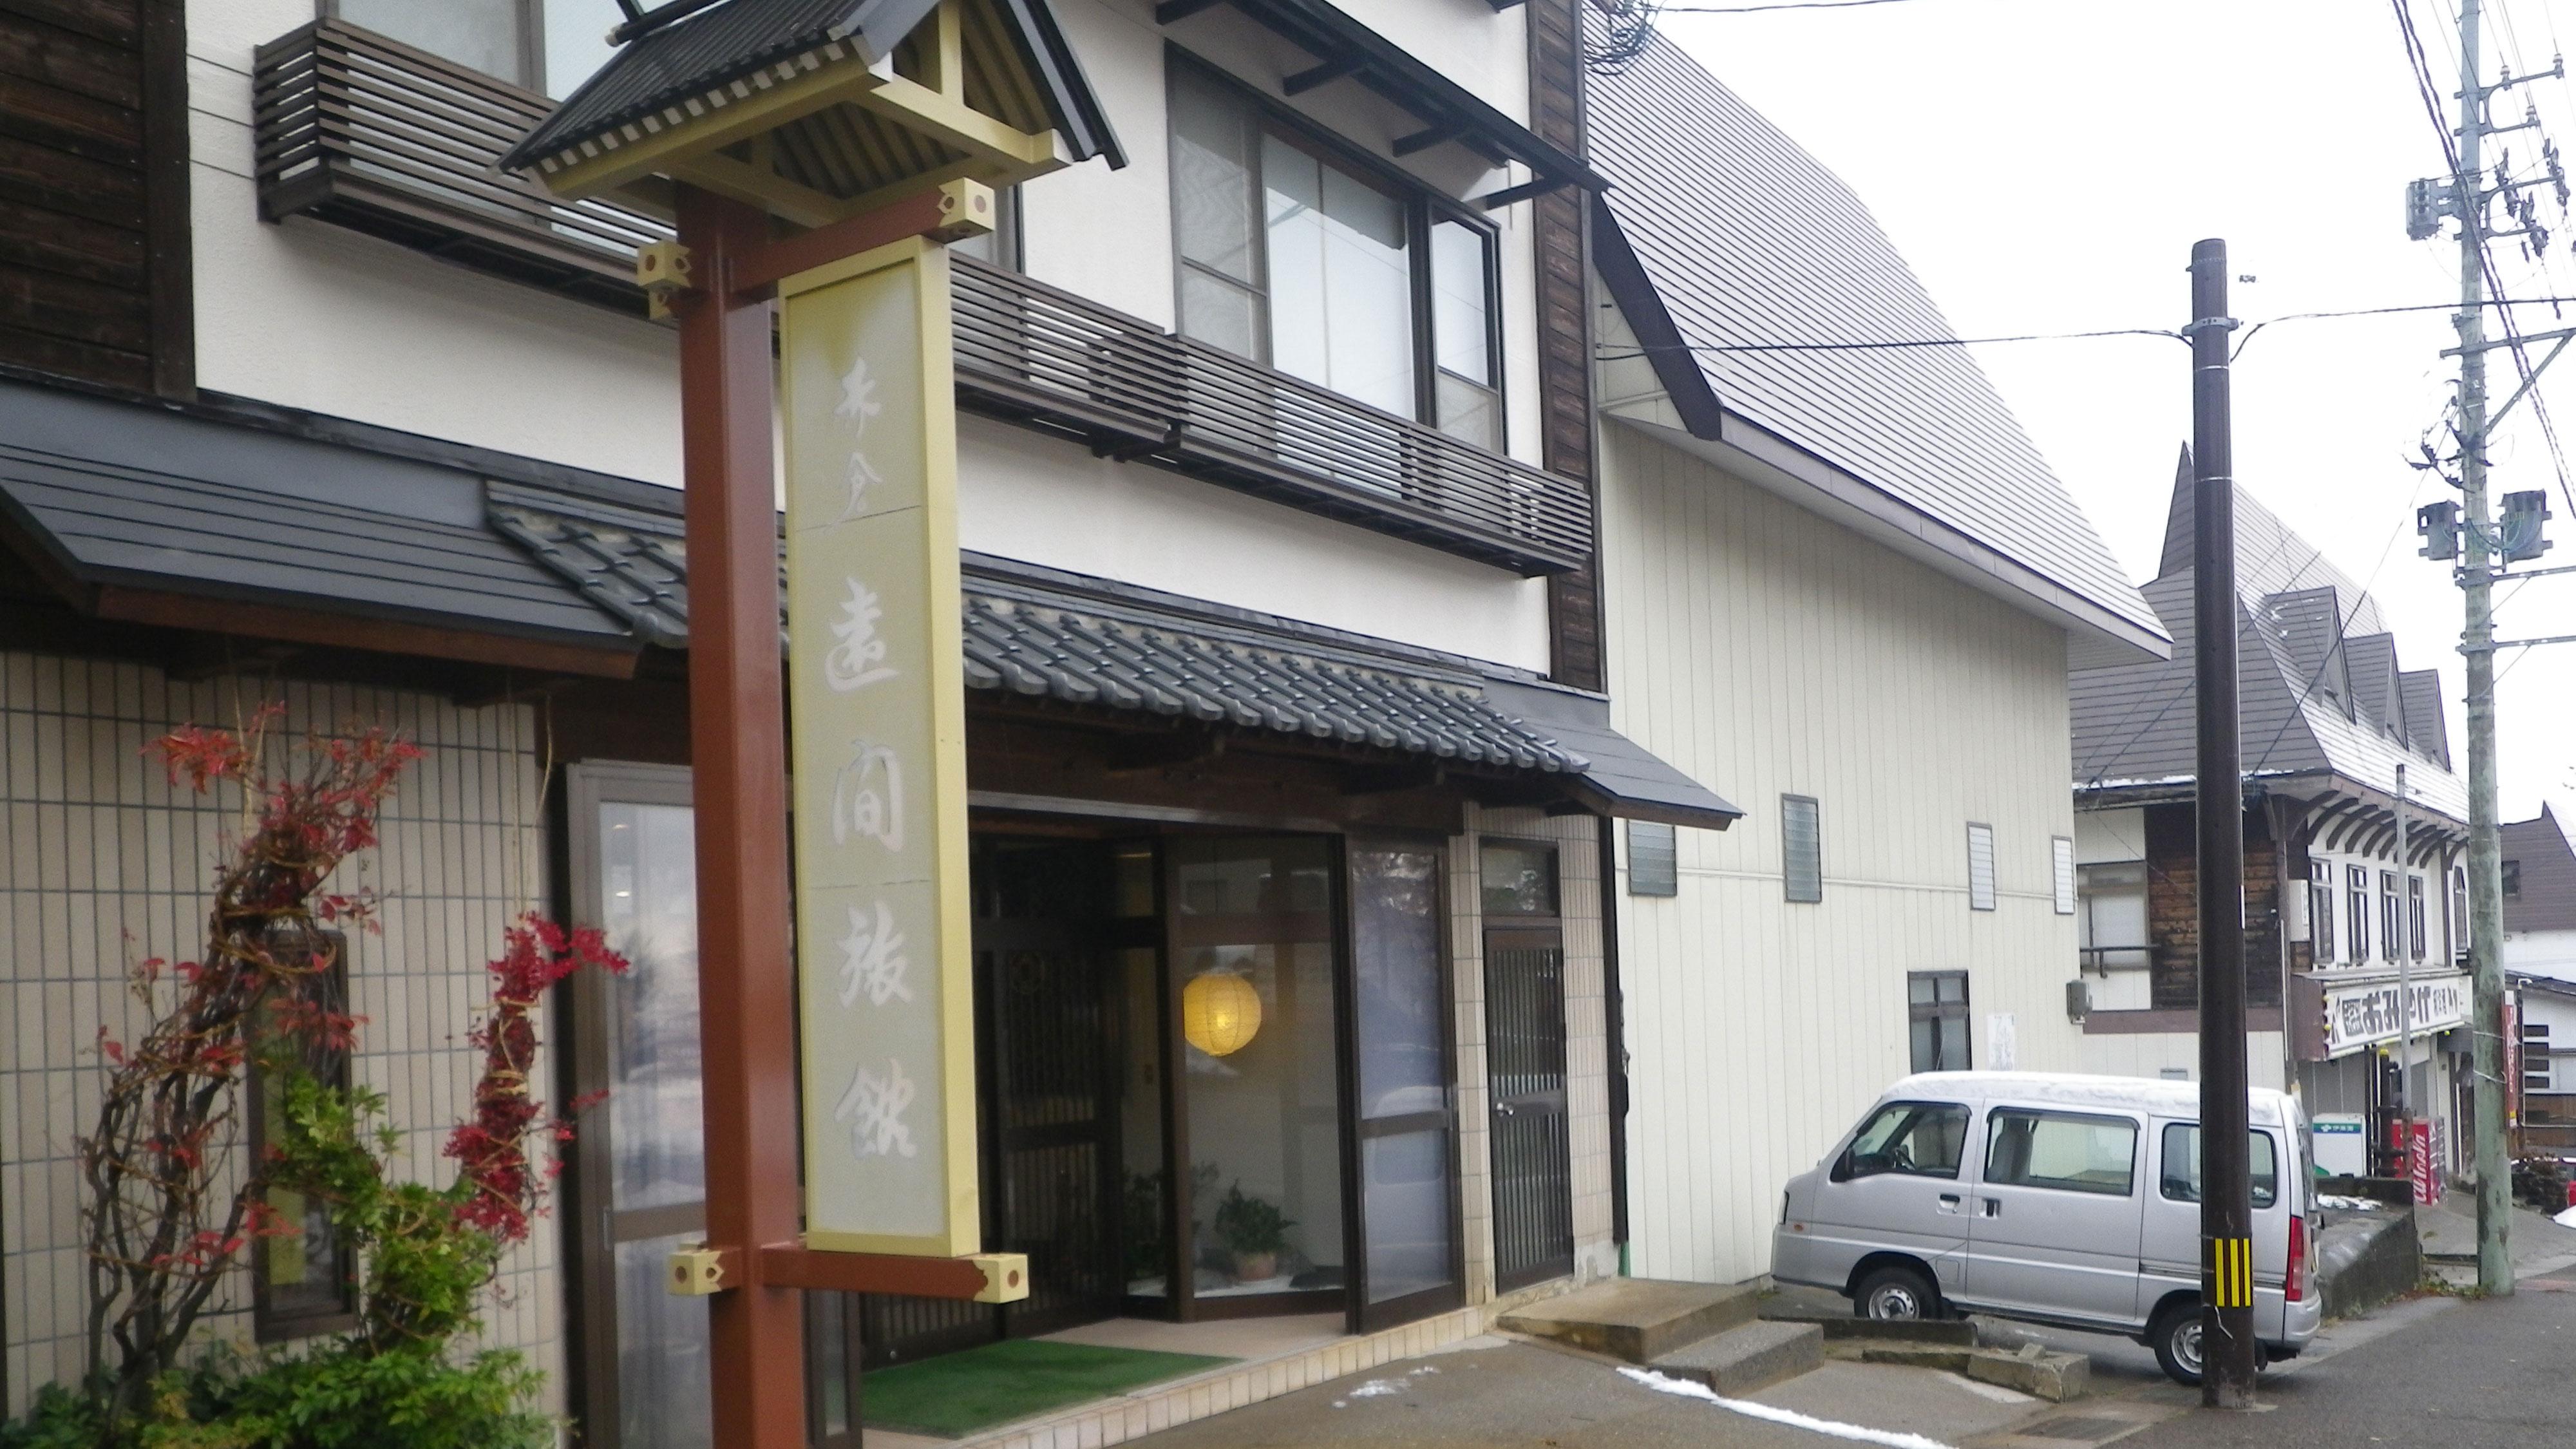 赤倉温泉 癒し温泉の宿 遠間旅館